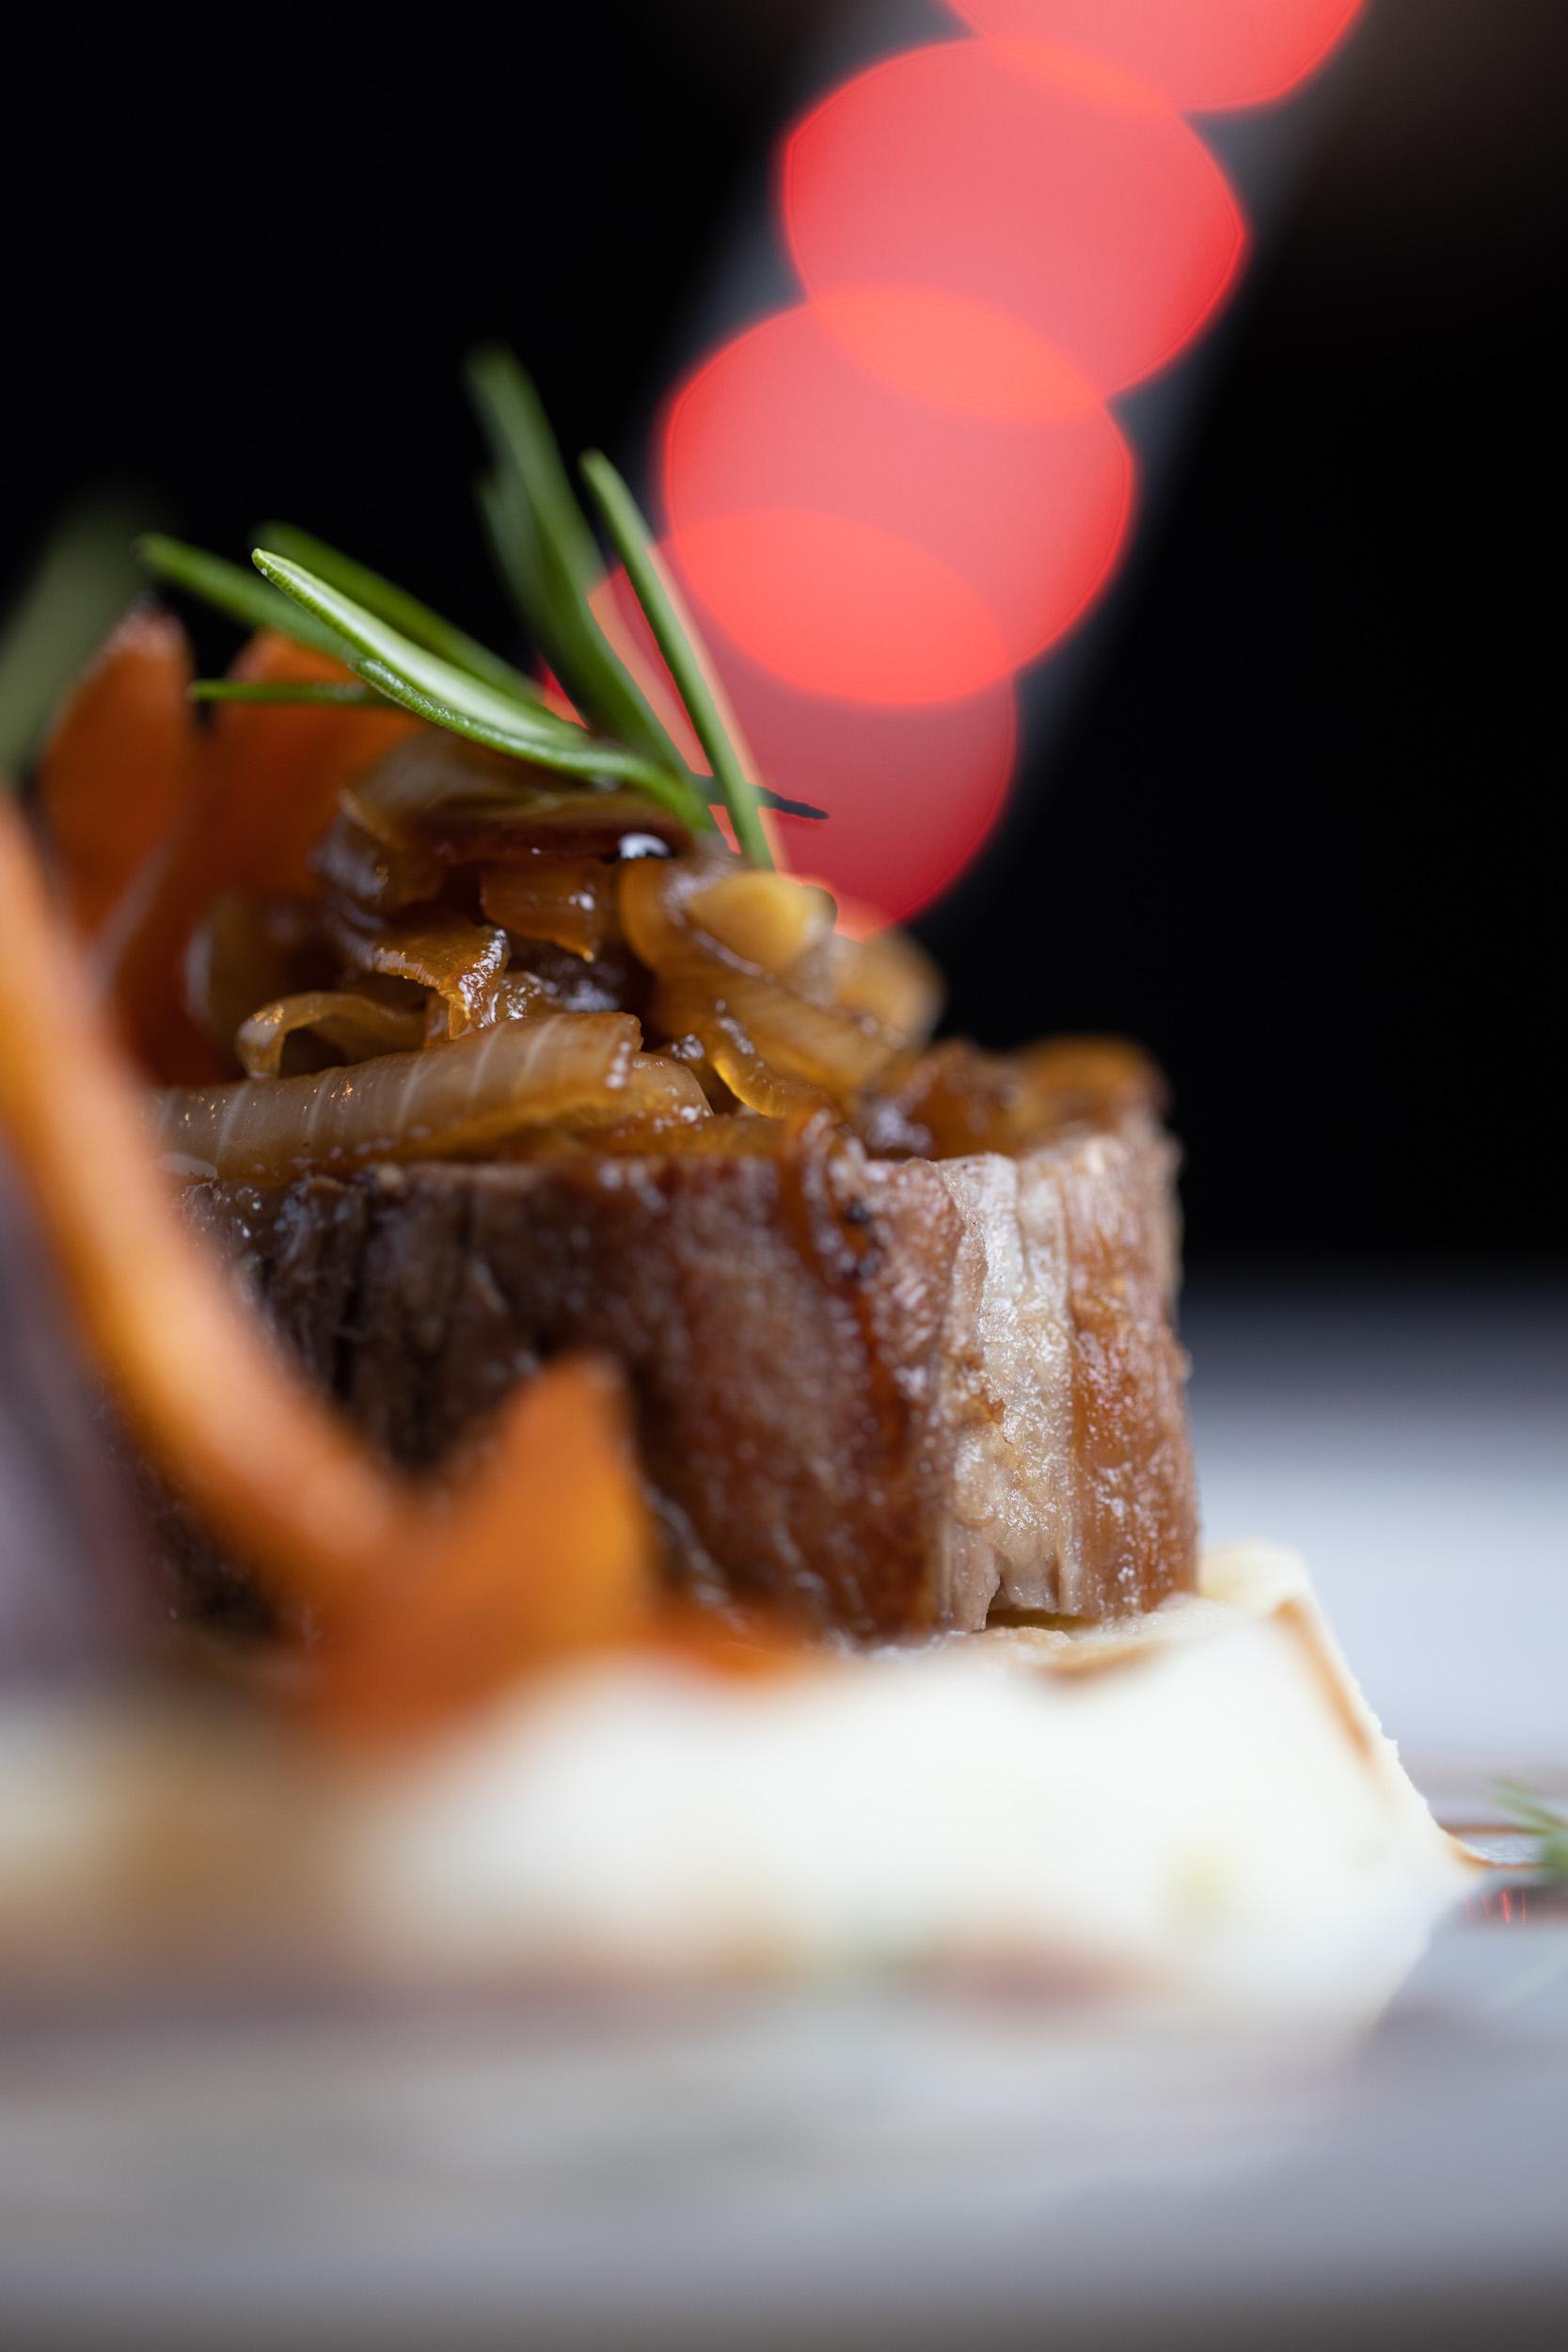 servizio fotografico per ristorante a roma